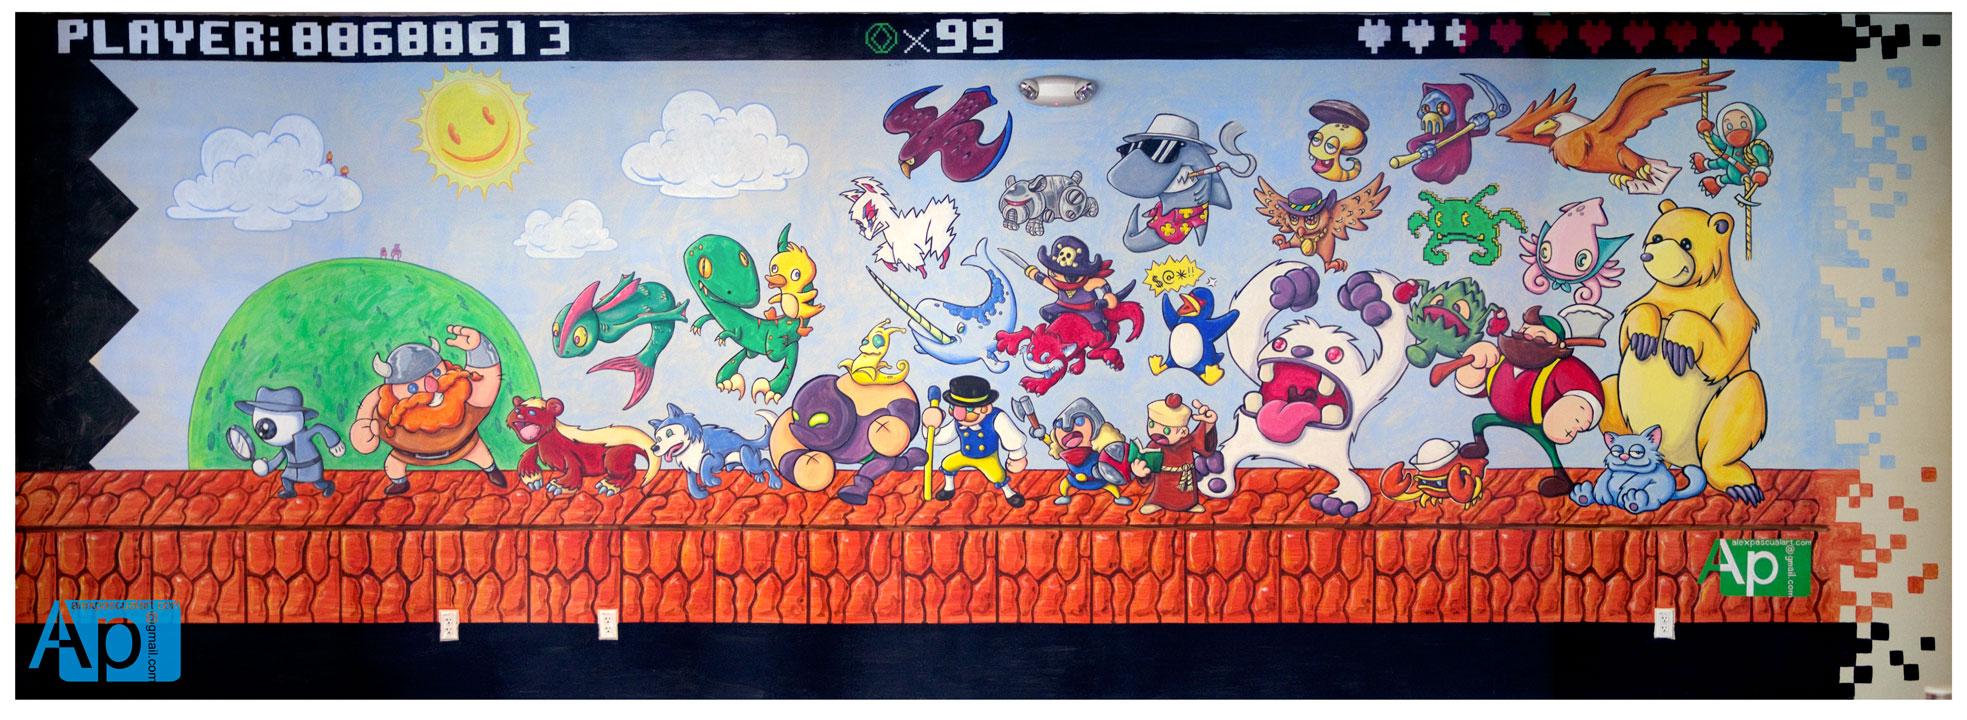 google mural 002.jpg